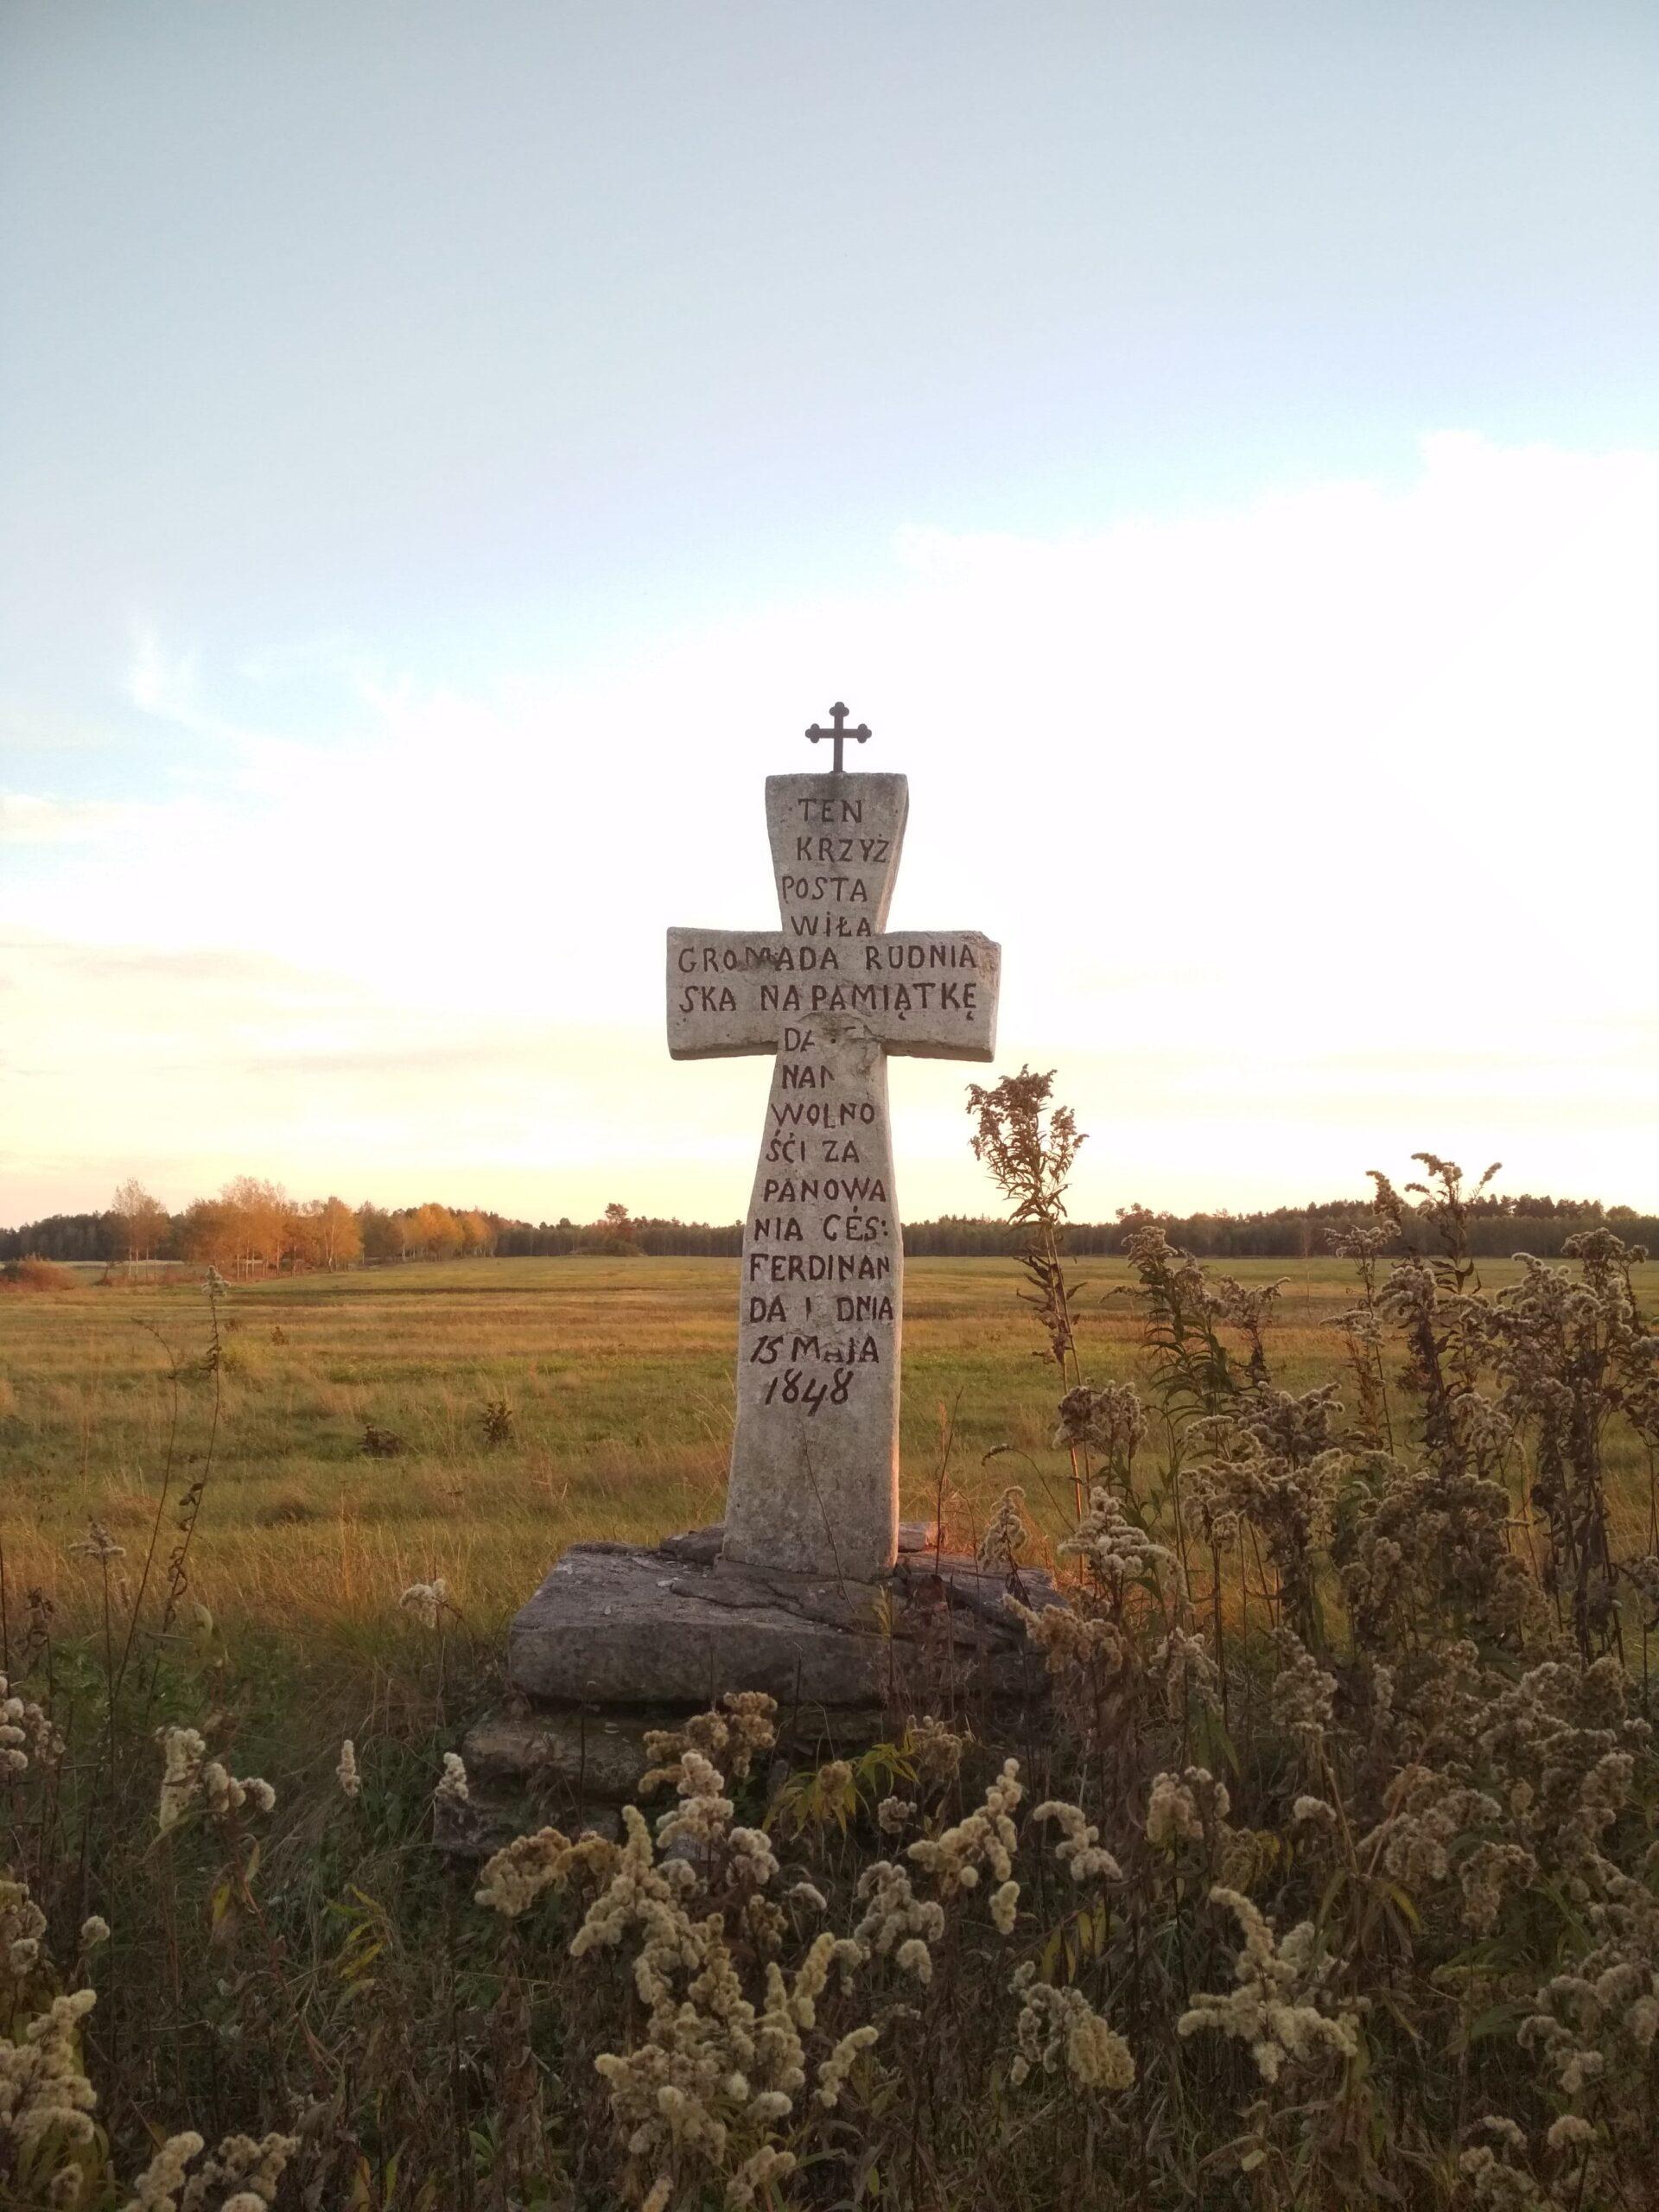 Krzyż pańszczyźniany your roots in poland